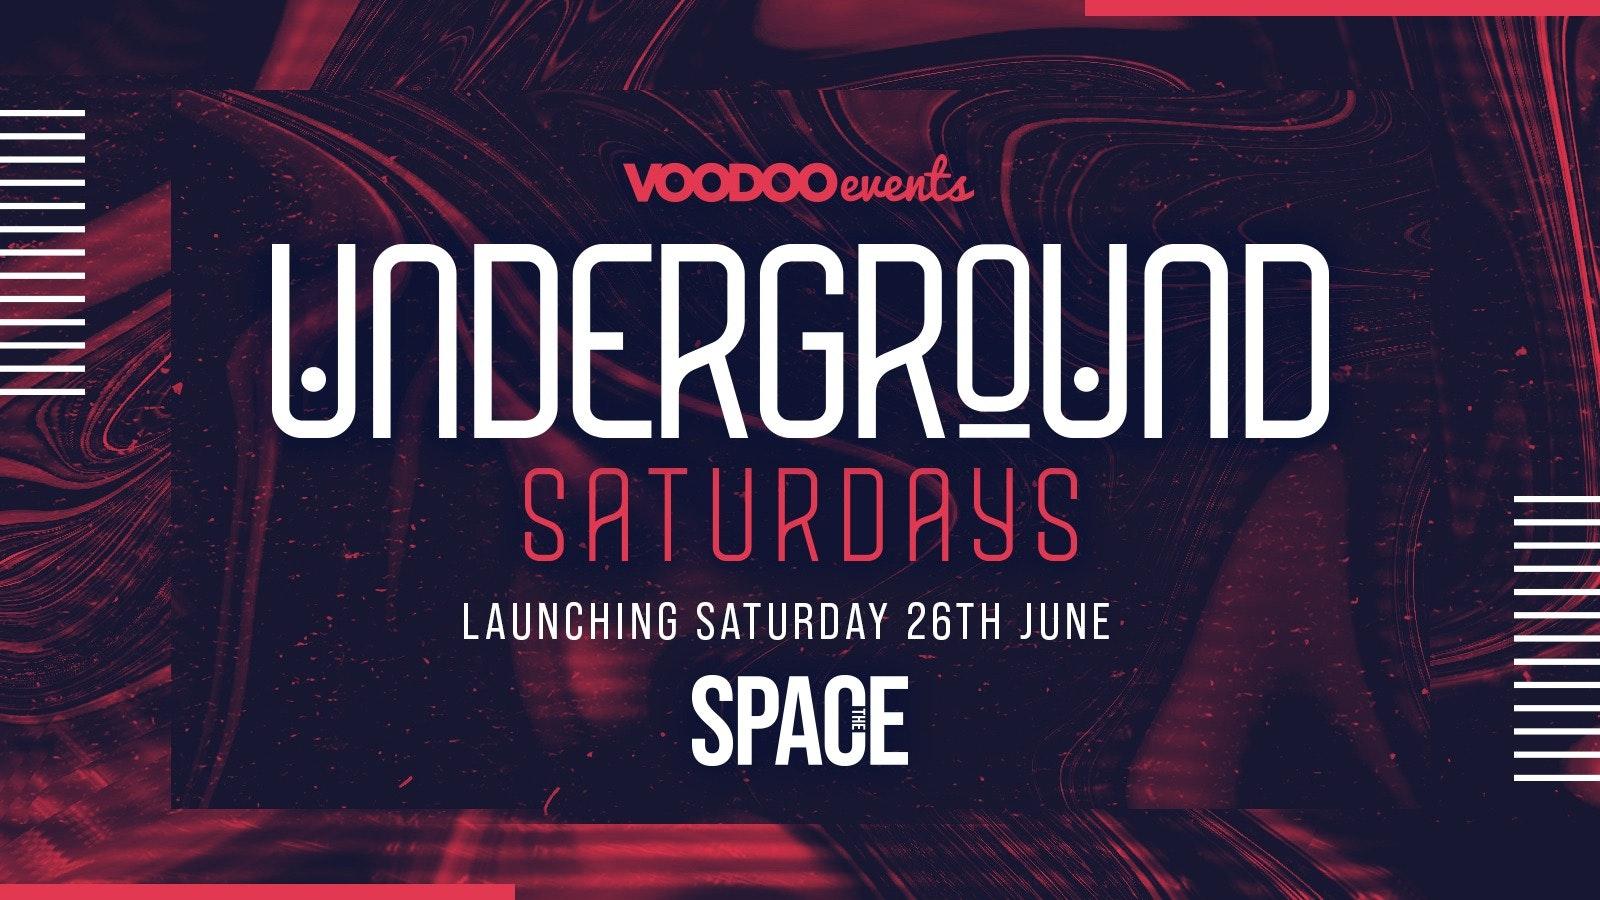 Underground Saturdays at Space – 14th August